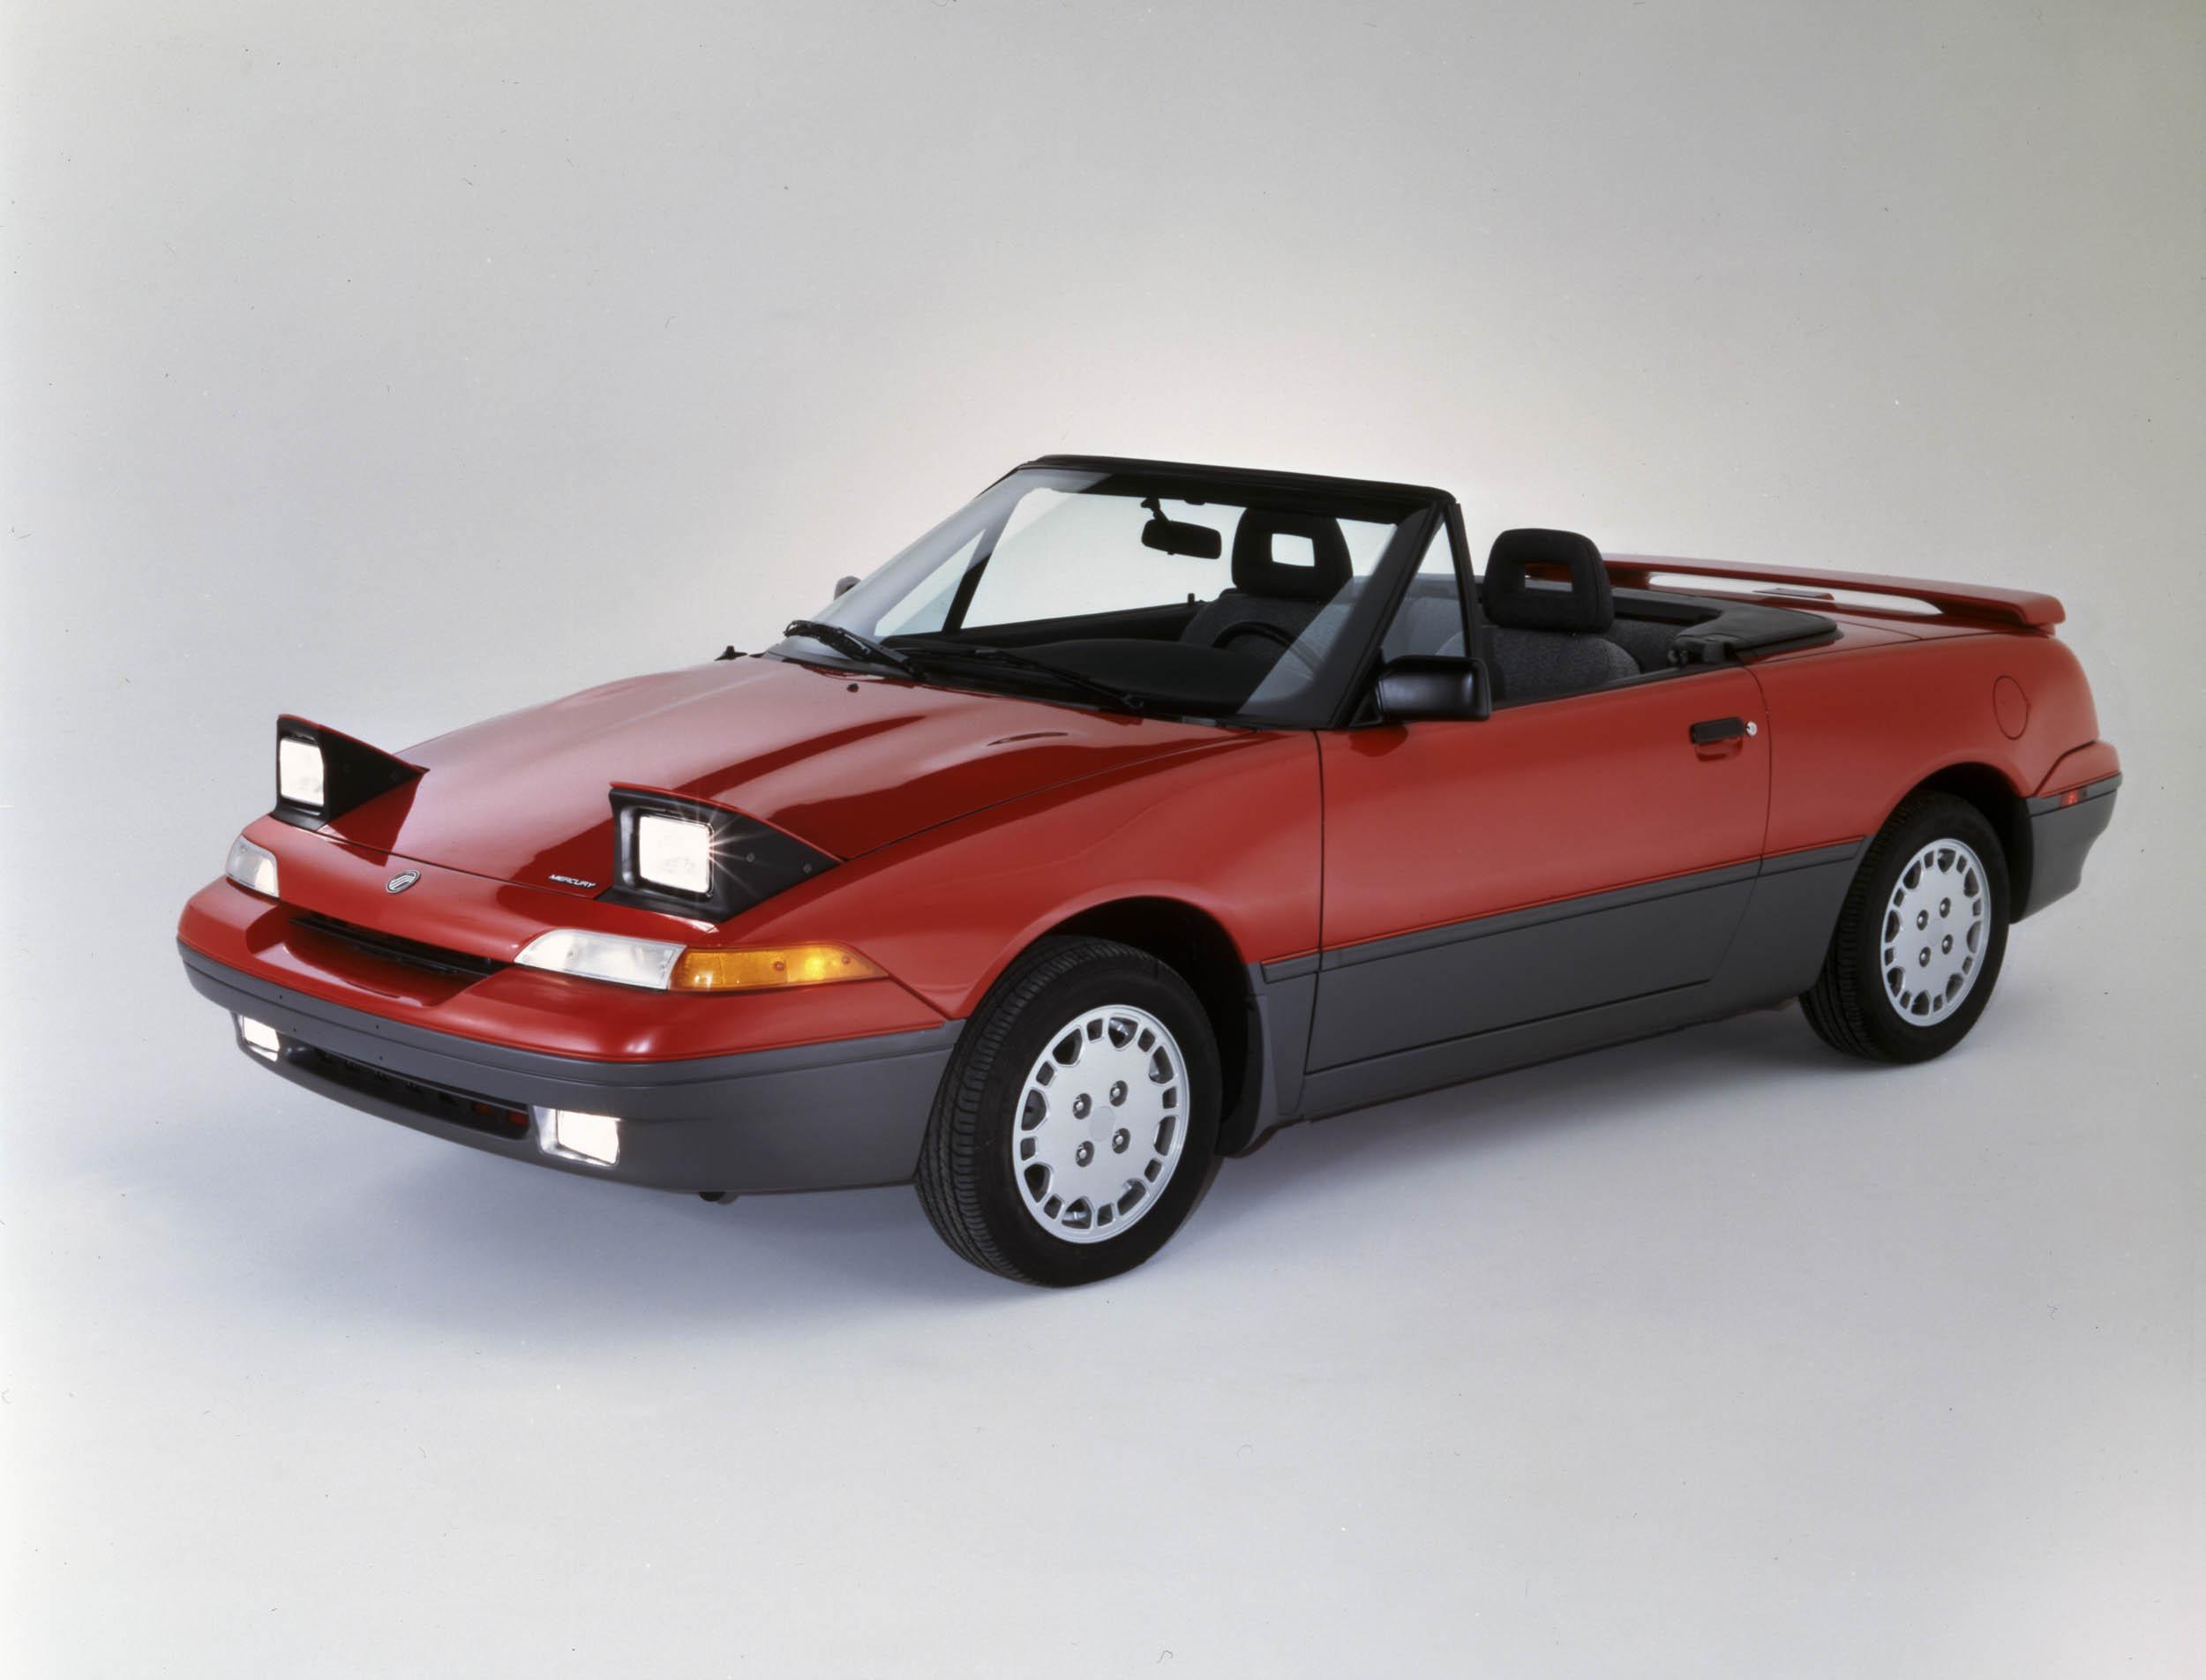 1991 Mercury Capri front 3/4